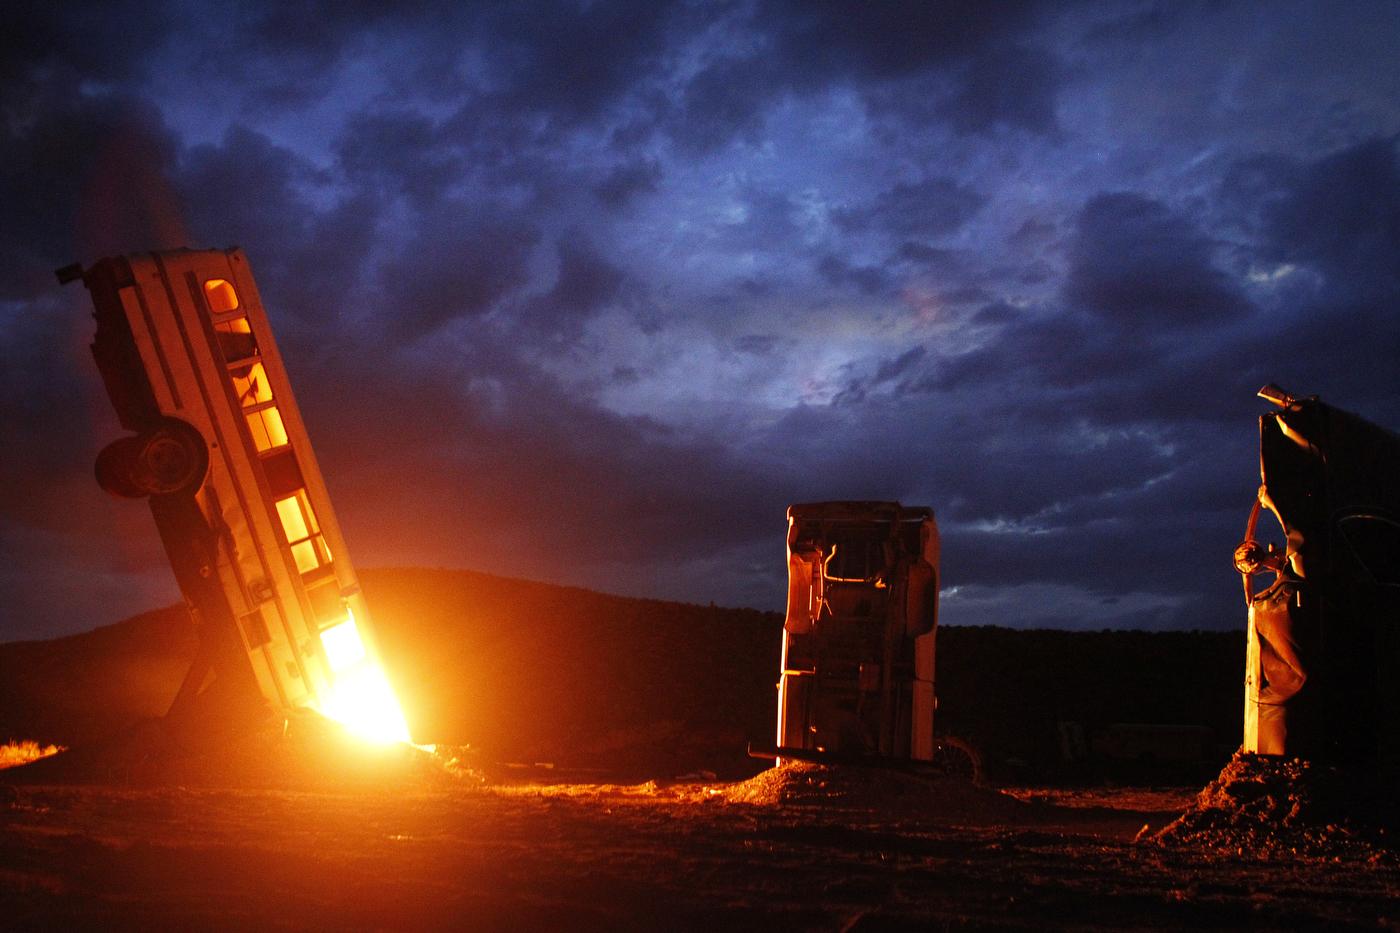 burningbus_081812JL_007